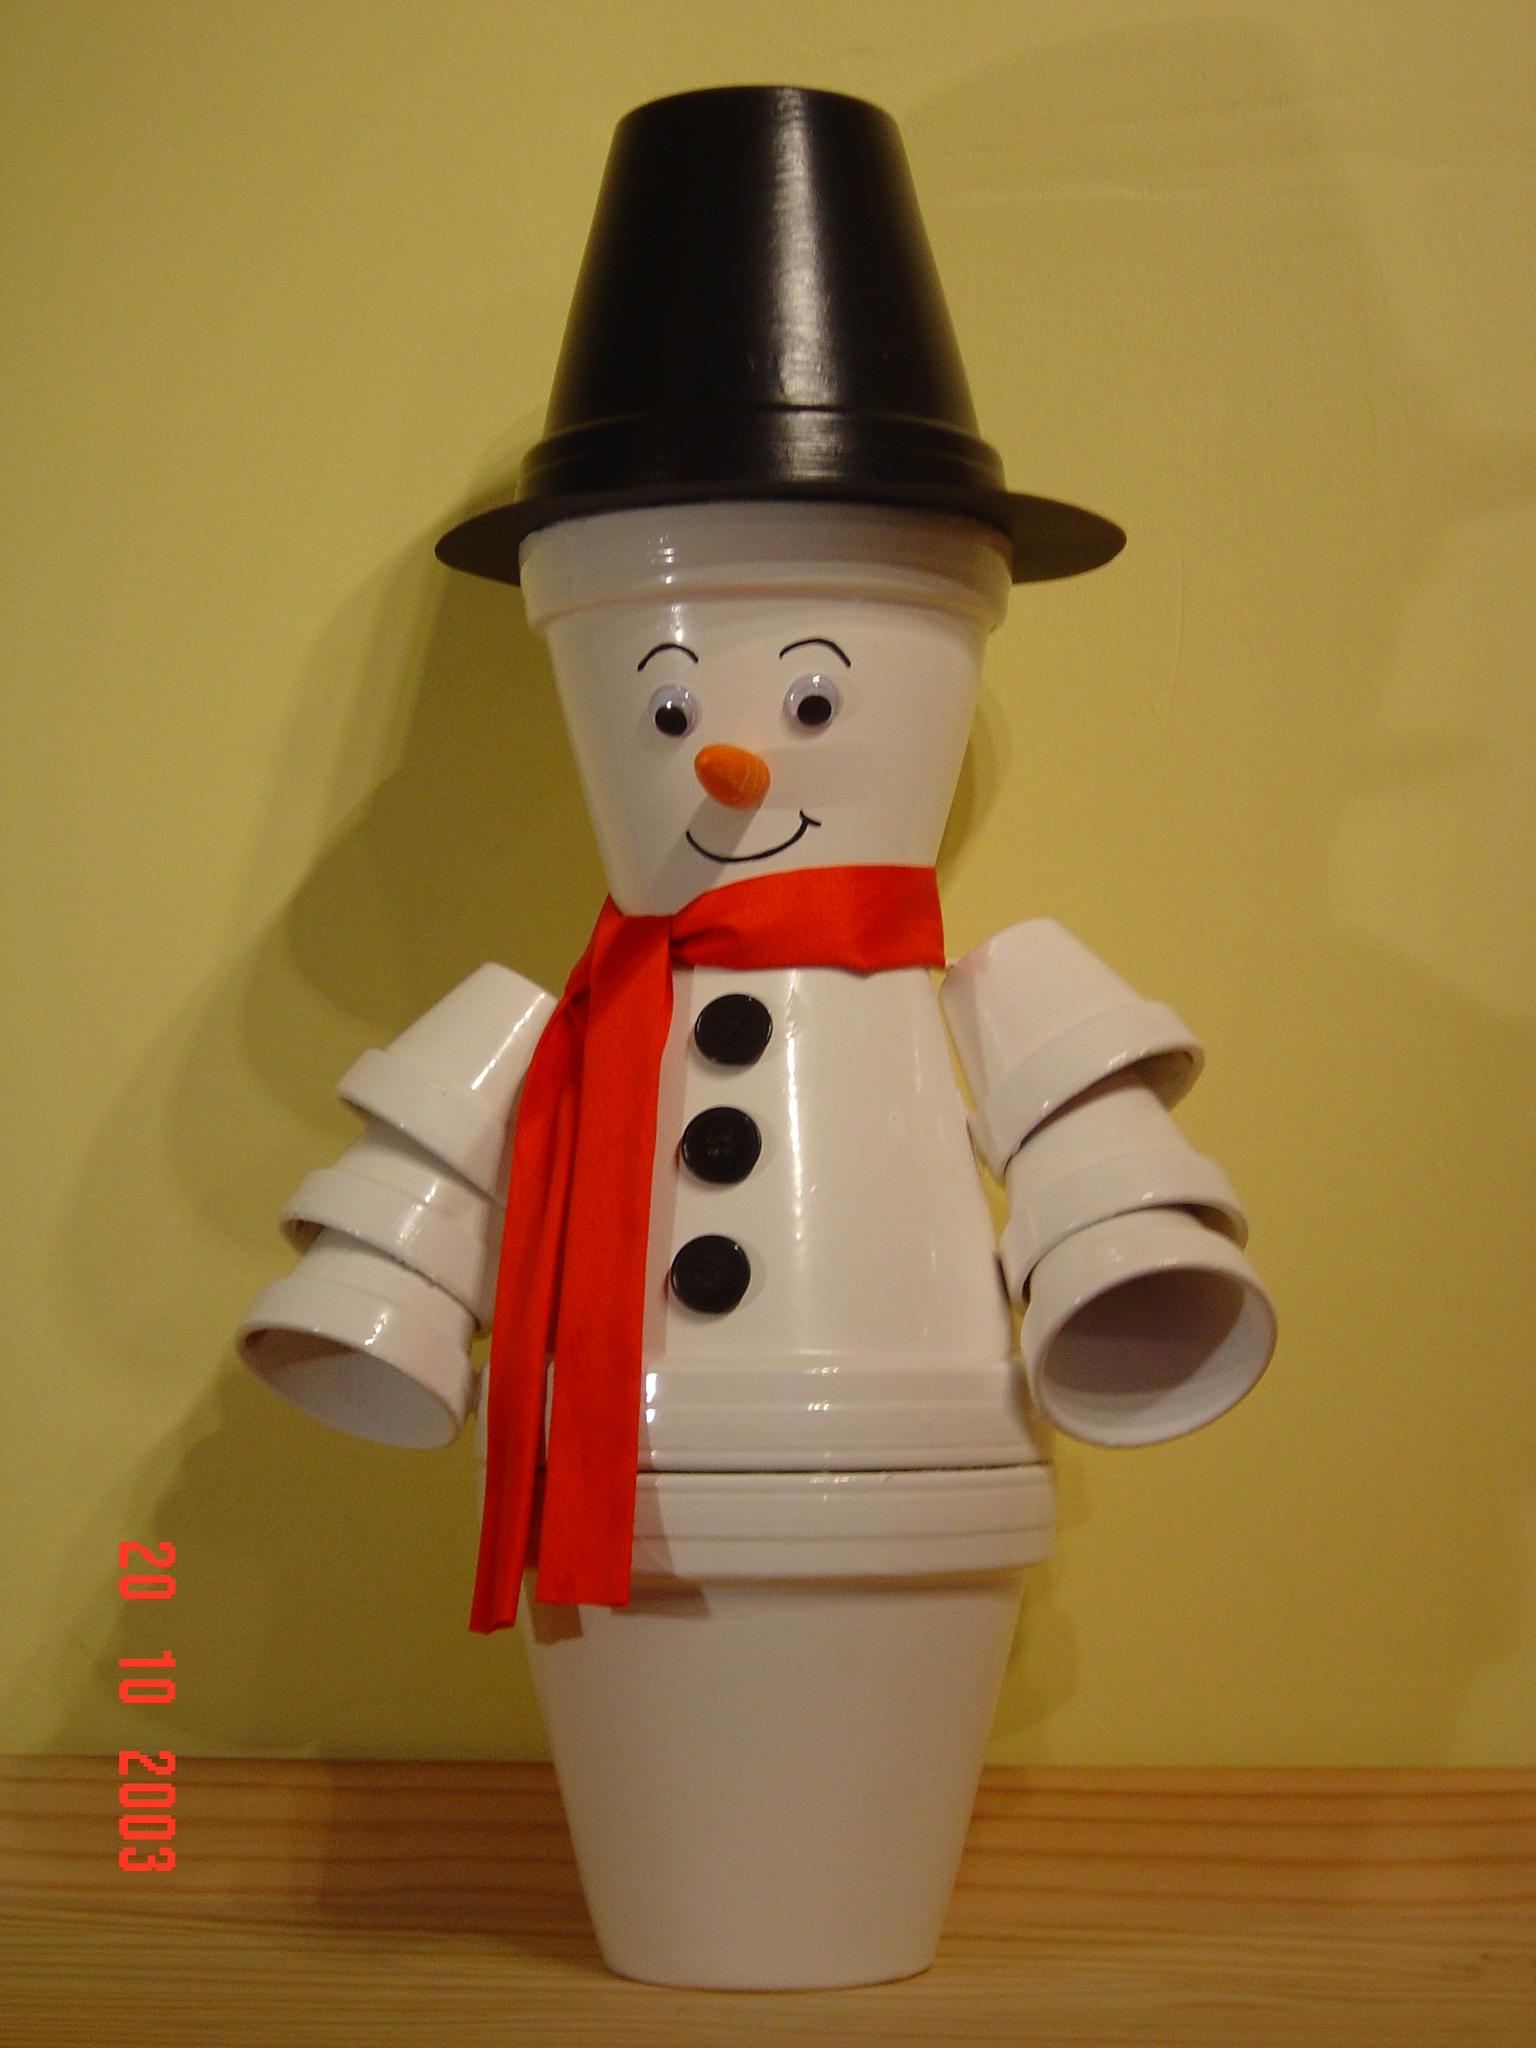 Bonhomme de neige divers schnoucky photos club - Bonhomme en pot de terre ...